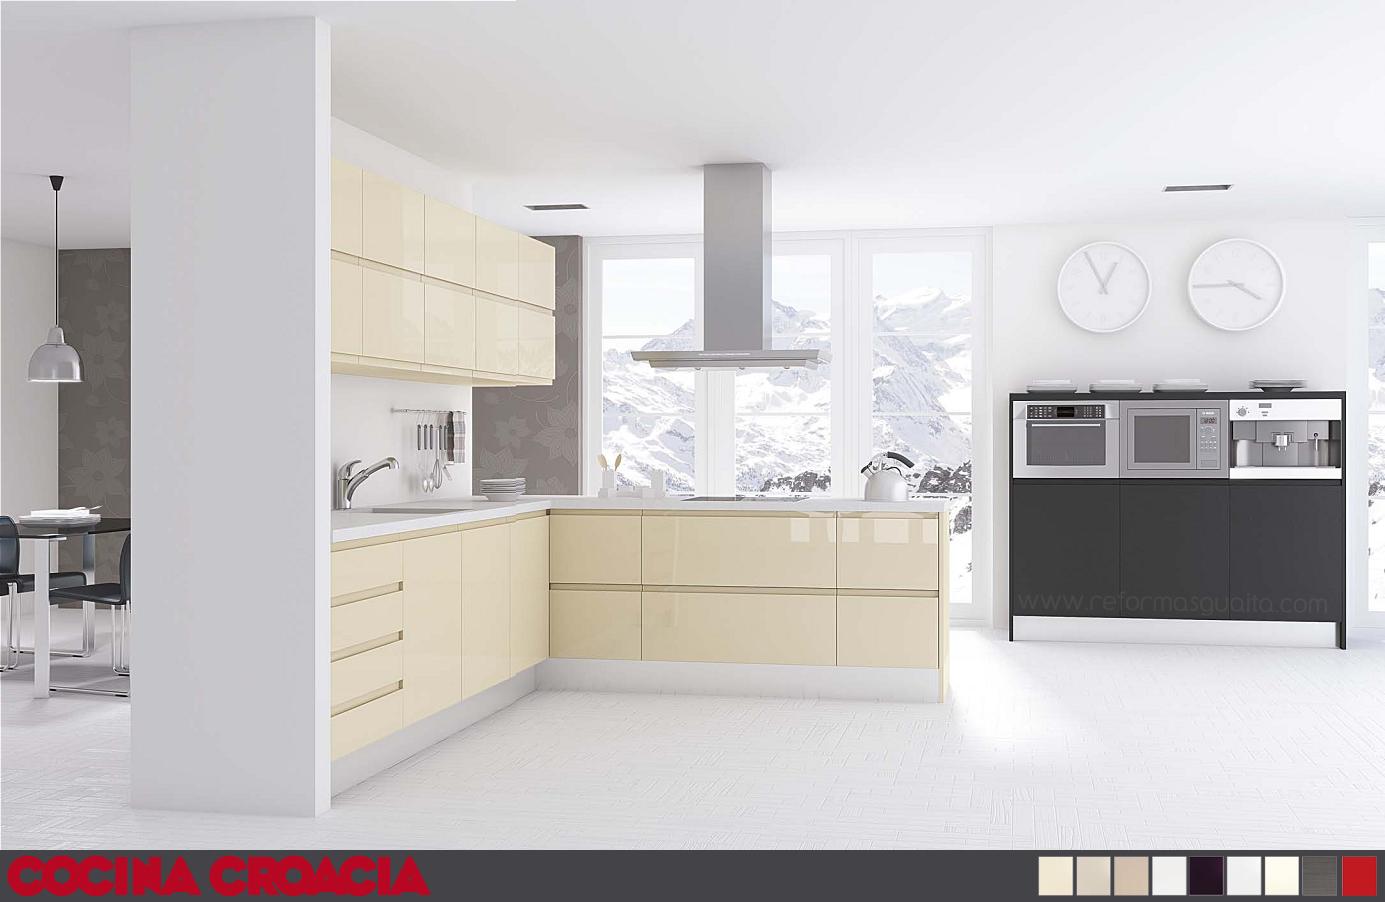 Puertas de cocina sin tirador - Tiradores puertas cocina ...